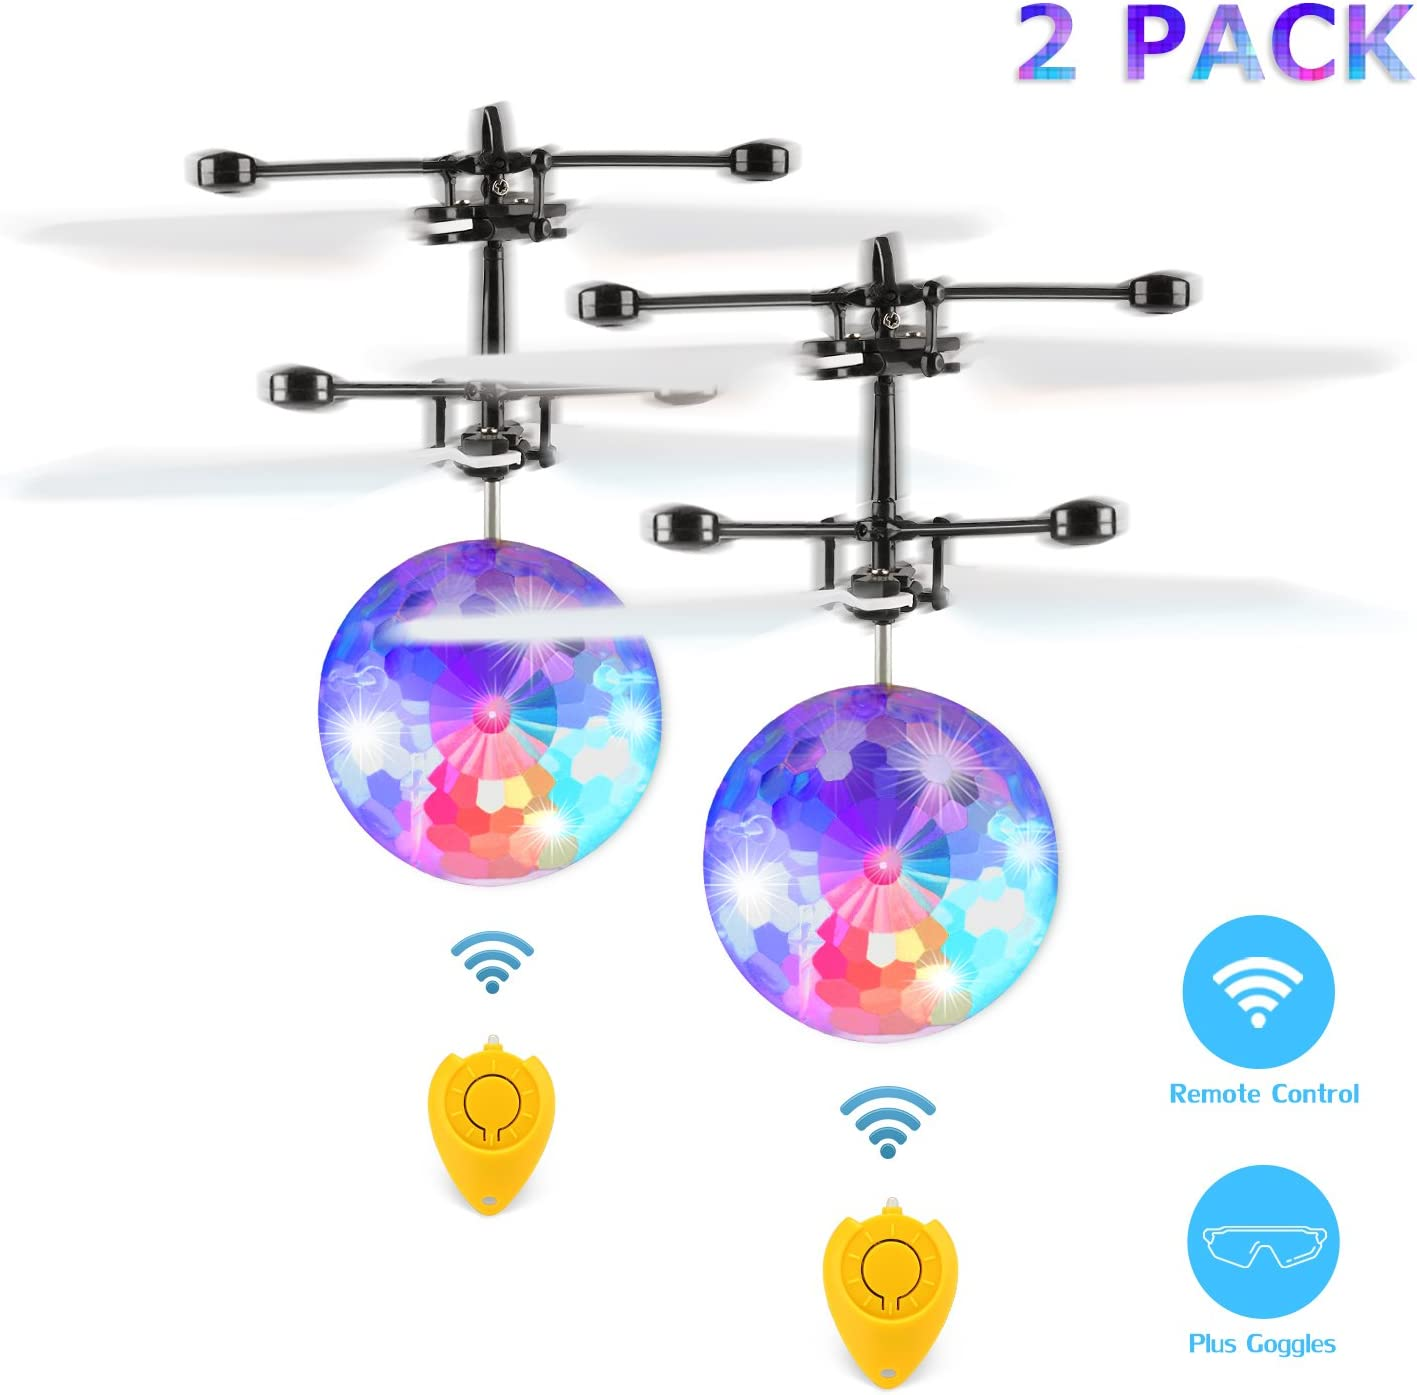 Fansteck 2 Pack Bola voladora, Mini Drone para Niños, RC Flying Juguetes, Aviones Helicóptero Radiocontrol, Bola de Vuelo por inducción infrarroja con Gafas de protección, Regalos y Juguets niños